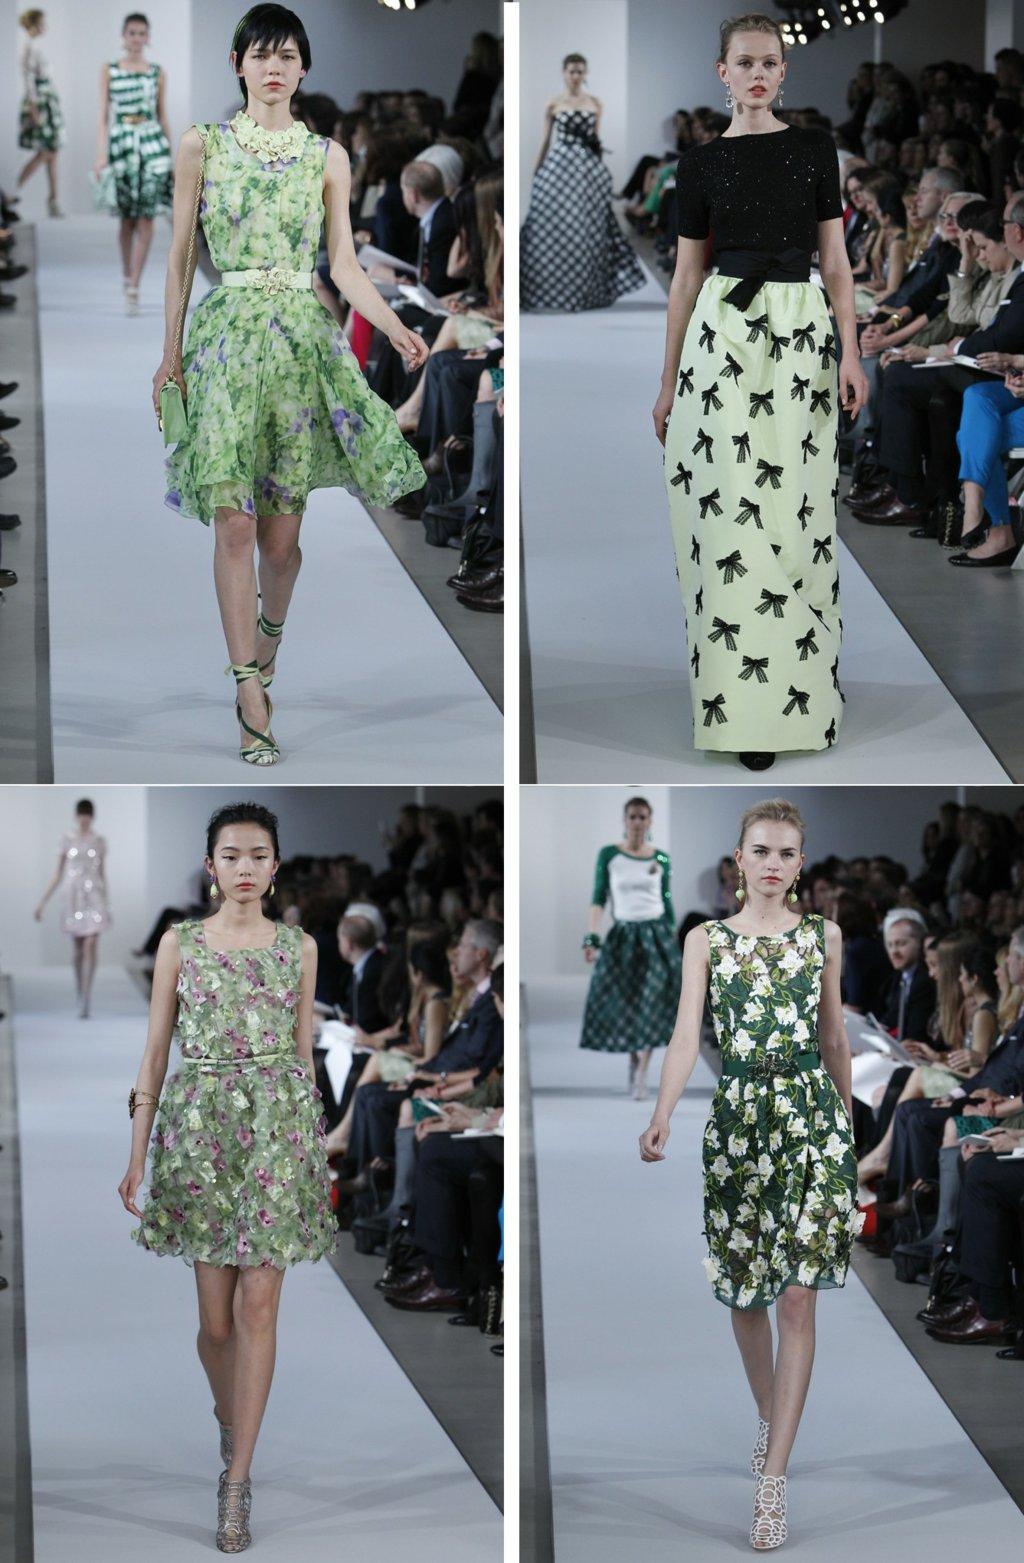 Bridesmaid-dress-inspiration-oscar-de-la-renta-green-black-floral-printed-dresses.full